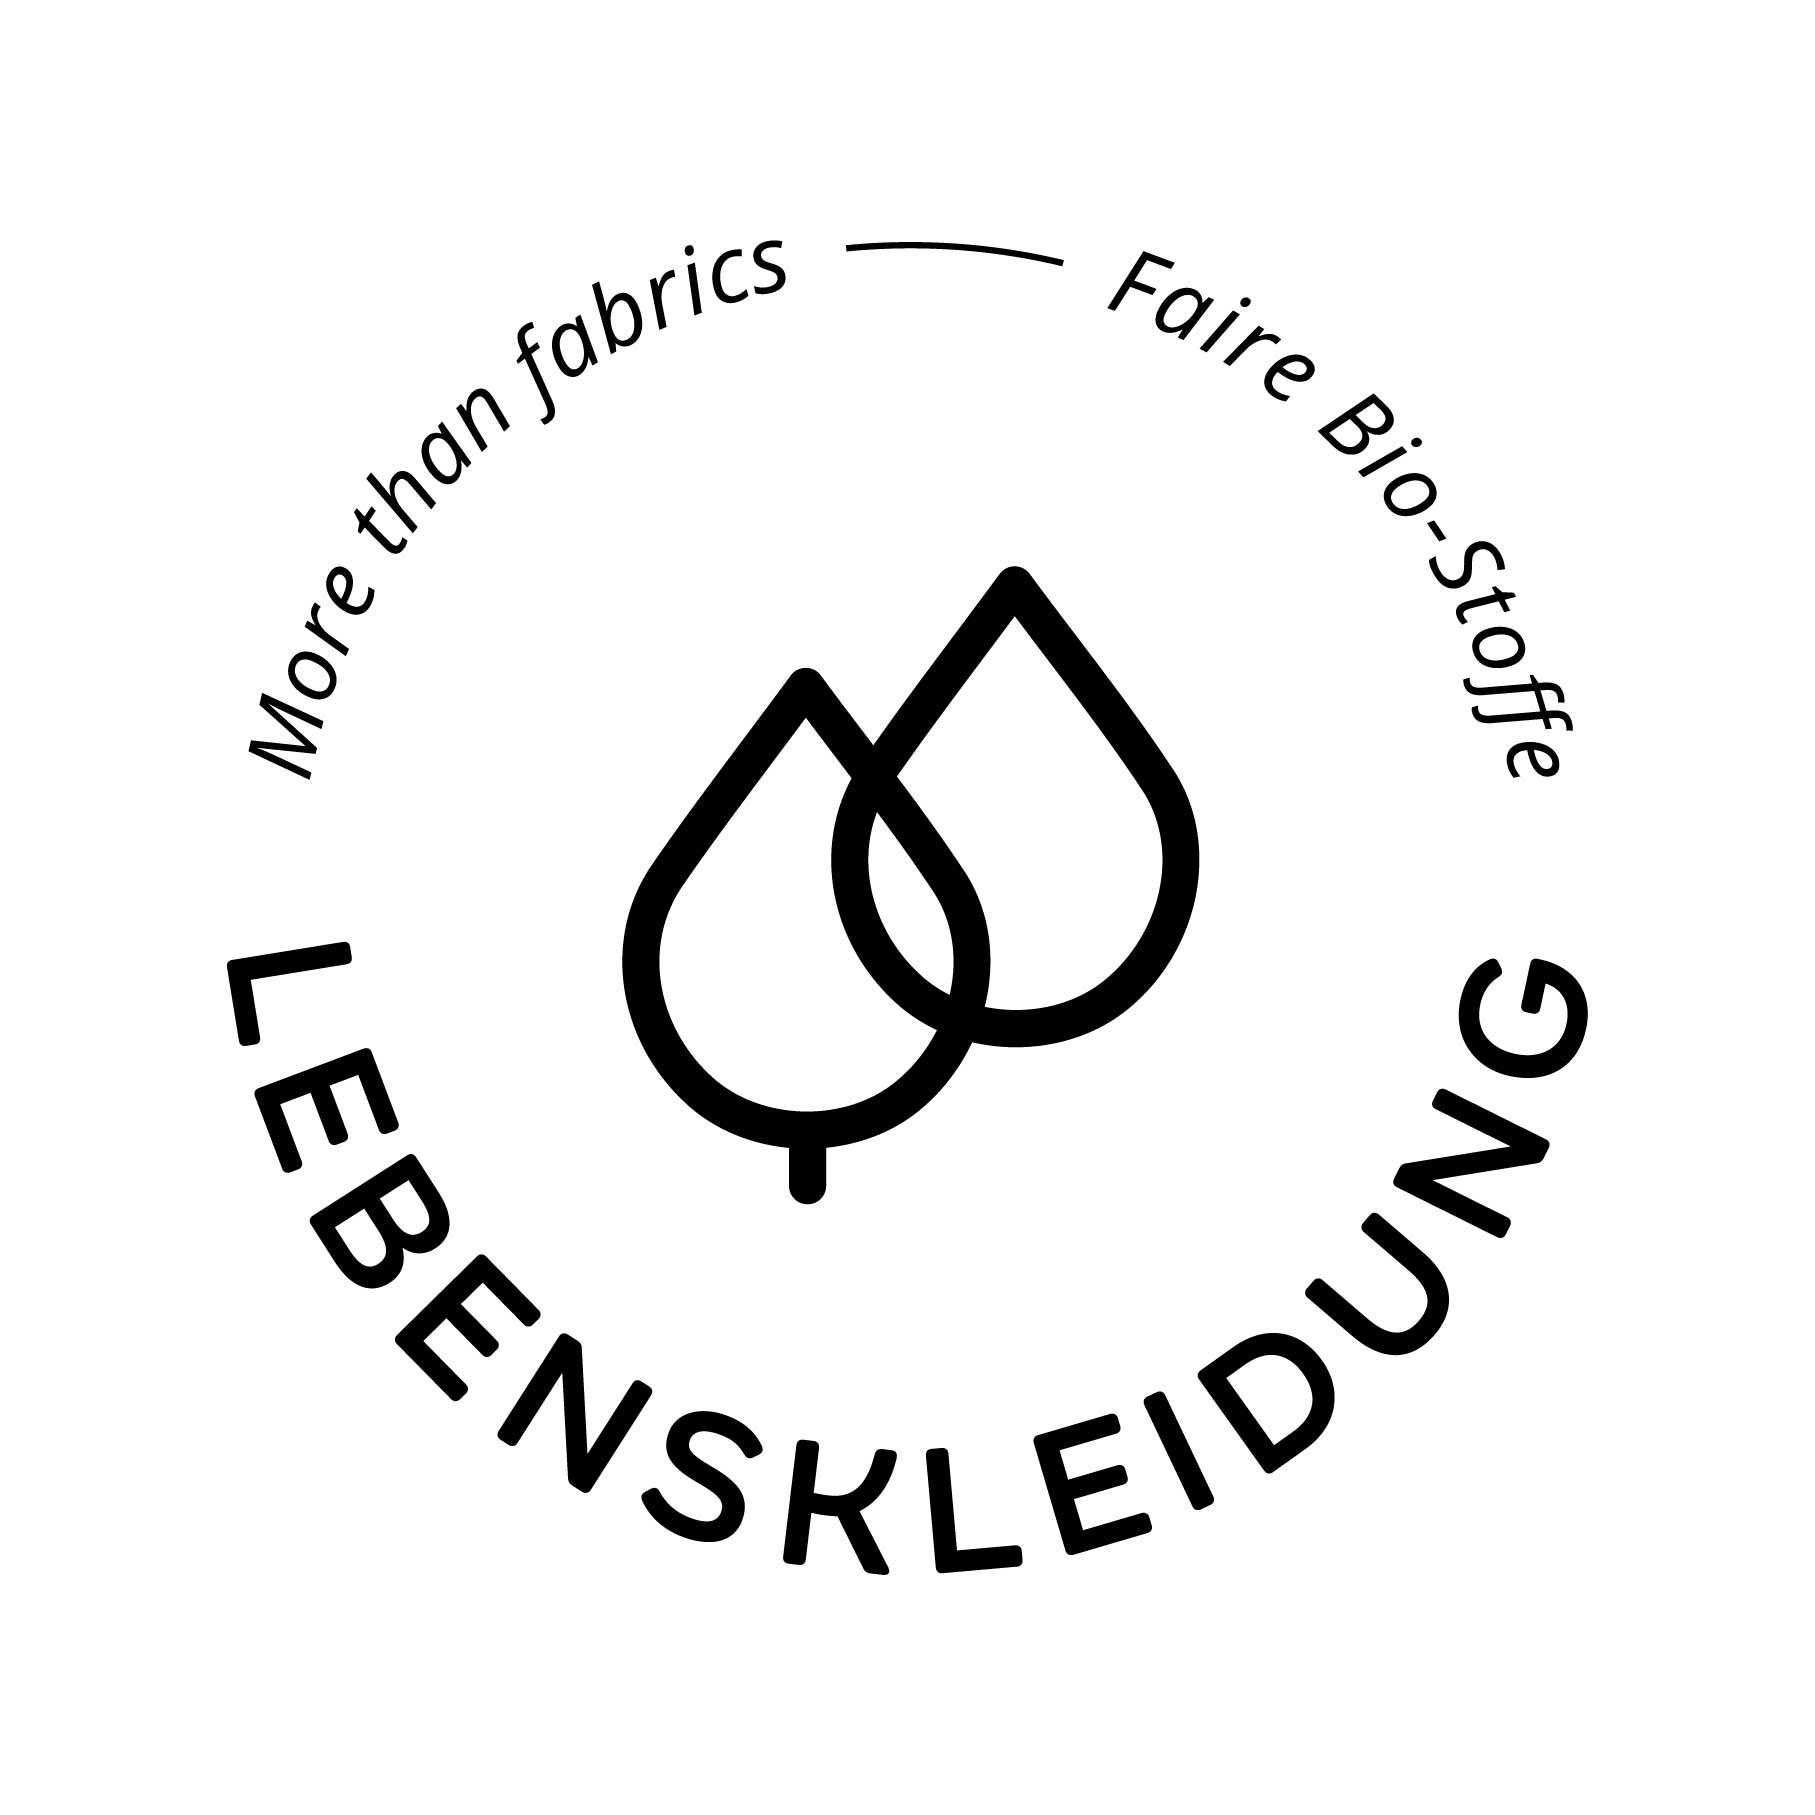 Bio Tissu RIB 2x1 (manchette) - chili-1